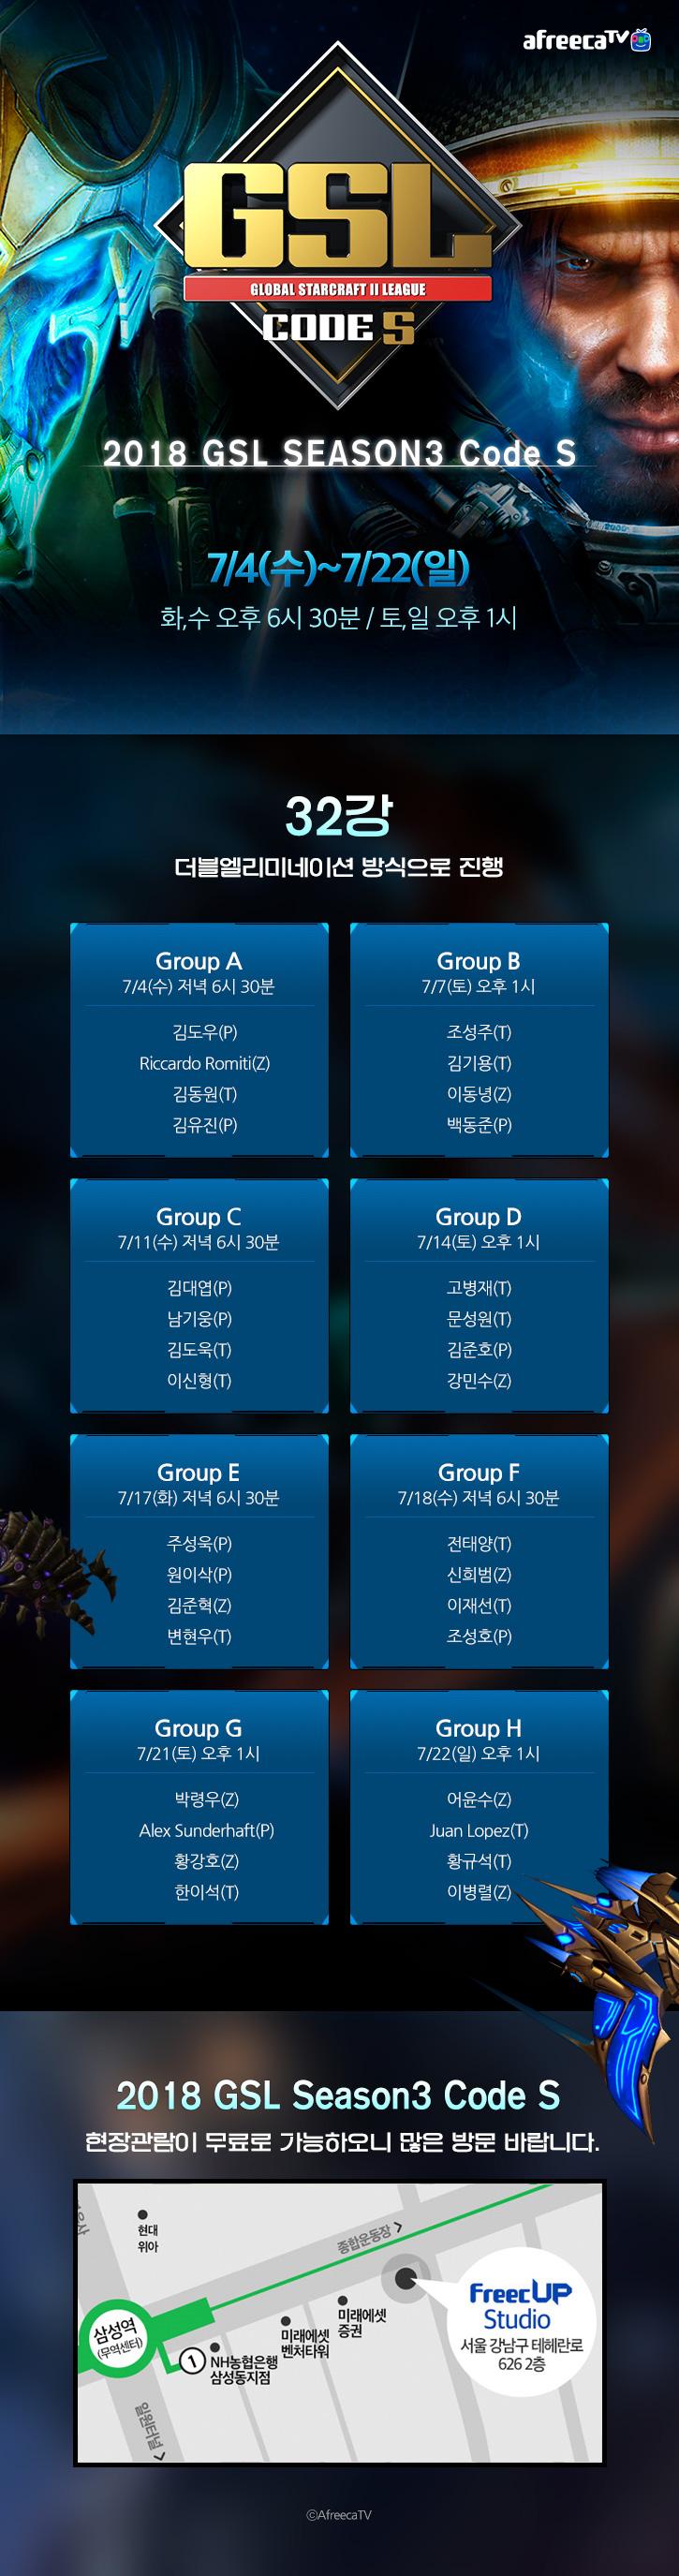 2018 GSL 시즌3 테란 리포트 그룹 E조